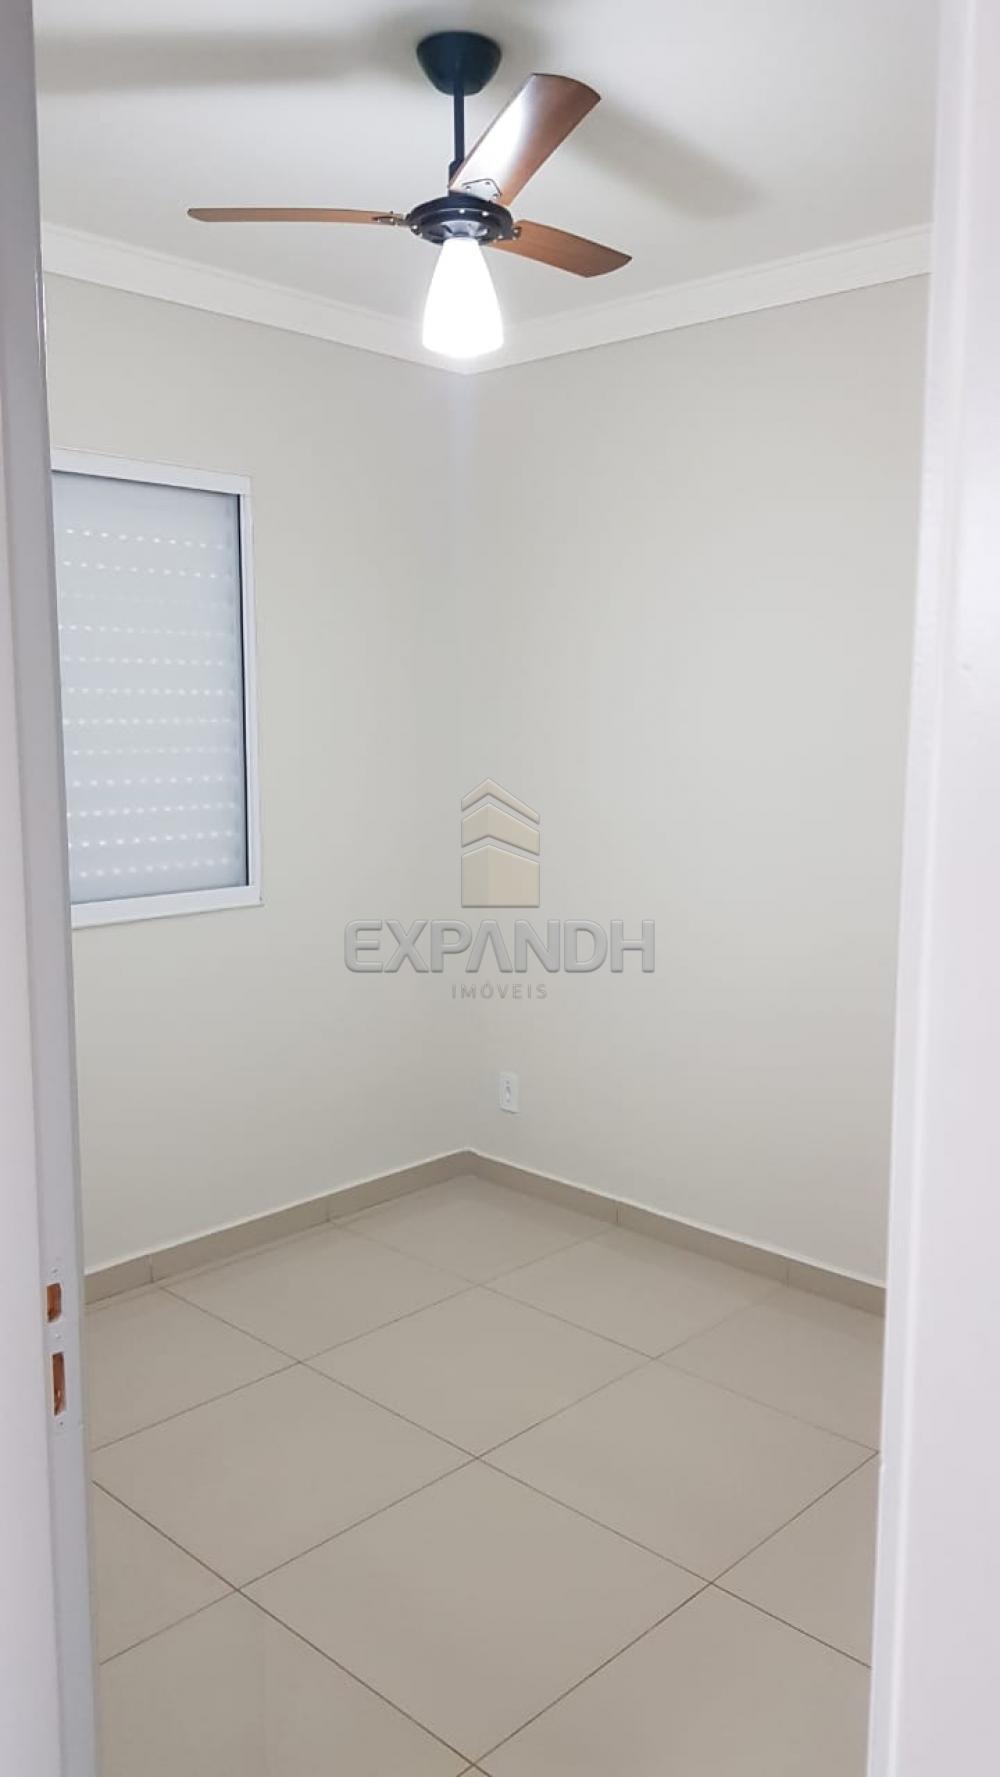 Comprar Apartamentos / Padrão em Sertãozinho R$ 150.000,00 - Foto 9